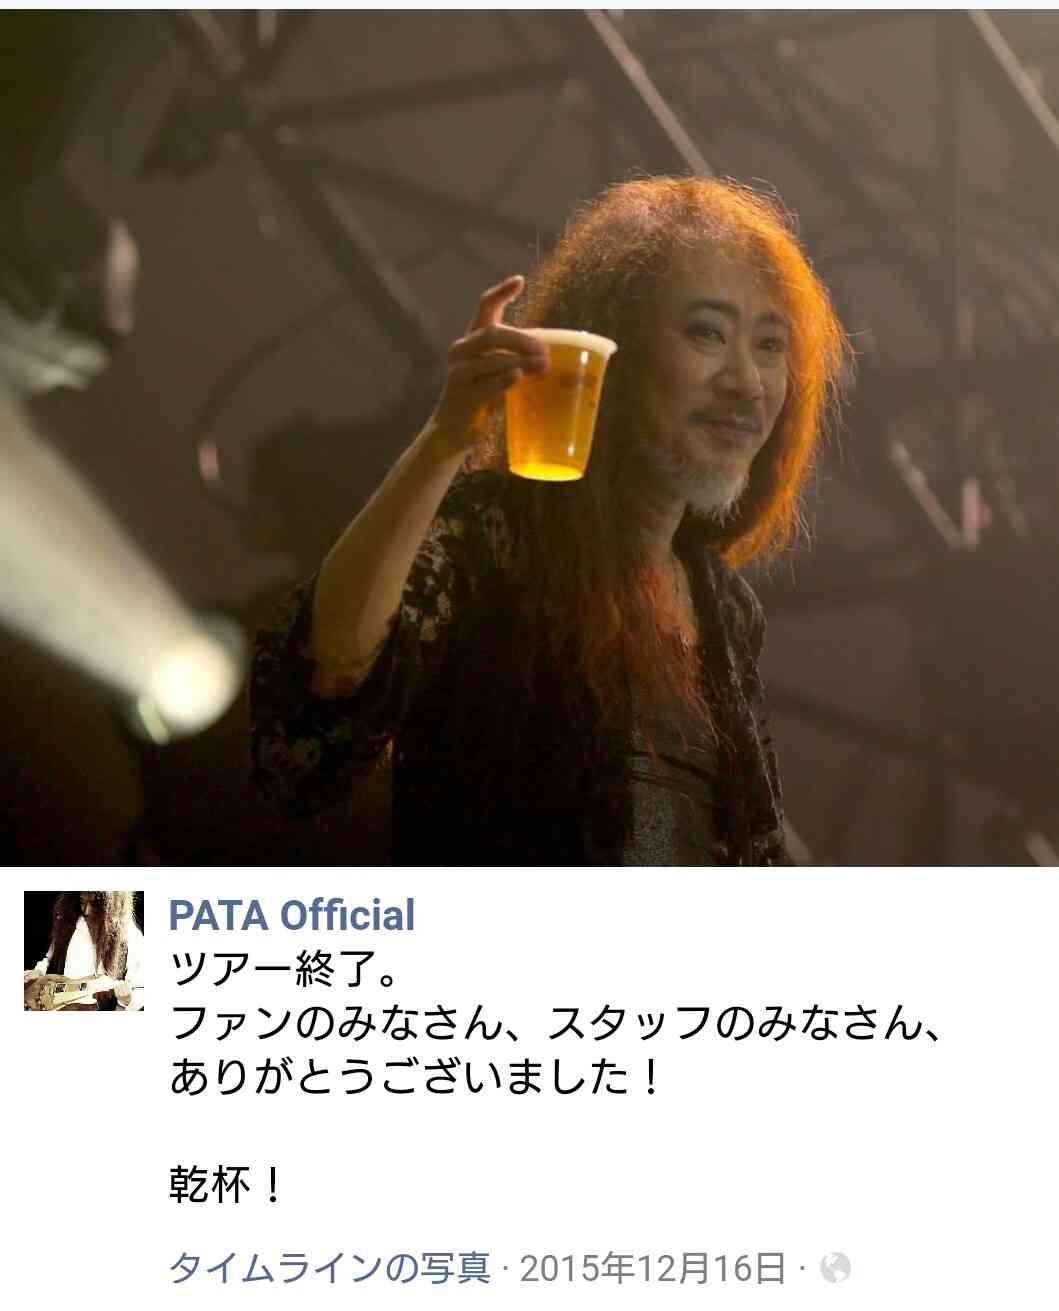 X JAPANのファンなら分かる【あるあるネタ】